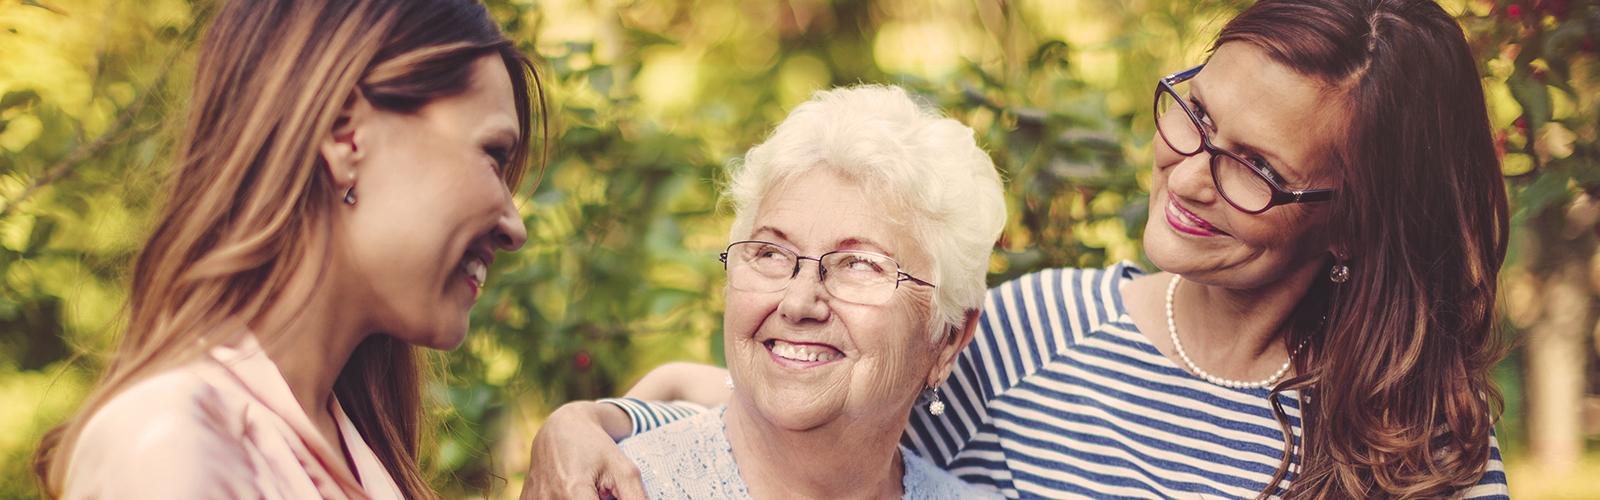 Idős nő két fiatal nő társaságában – Az ápolási feladatok felosztása